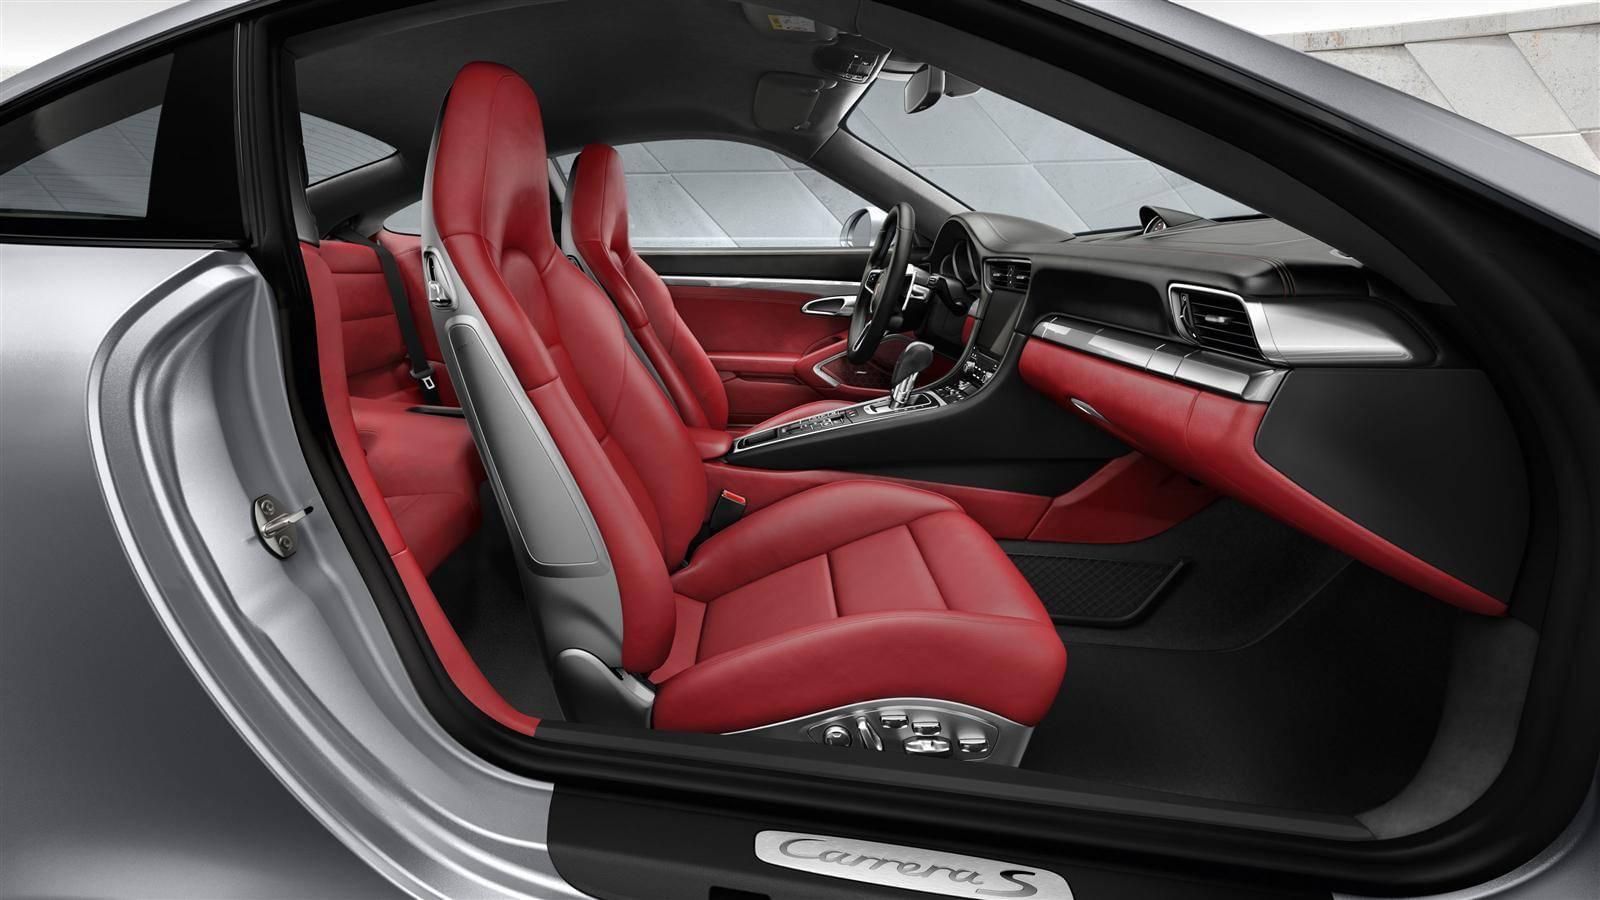 911 interior